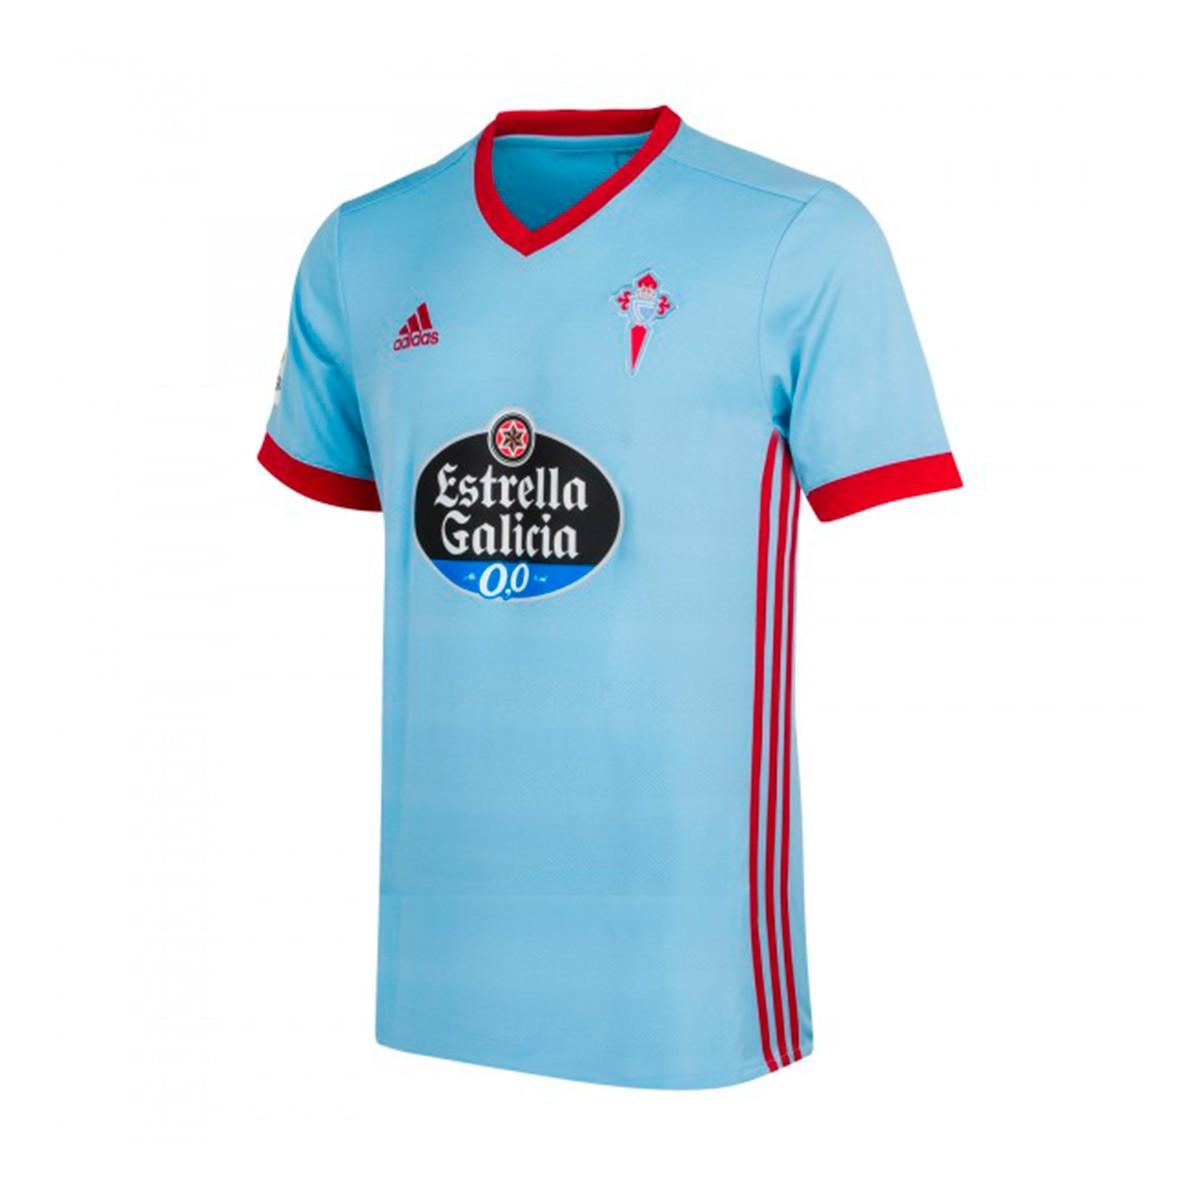 4230ce9e27102 Jersey adidas Celta de Vigo Primera Equipación 2017-2018 Clear blue ...